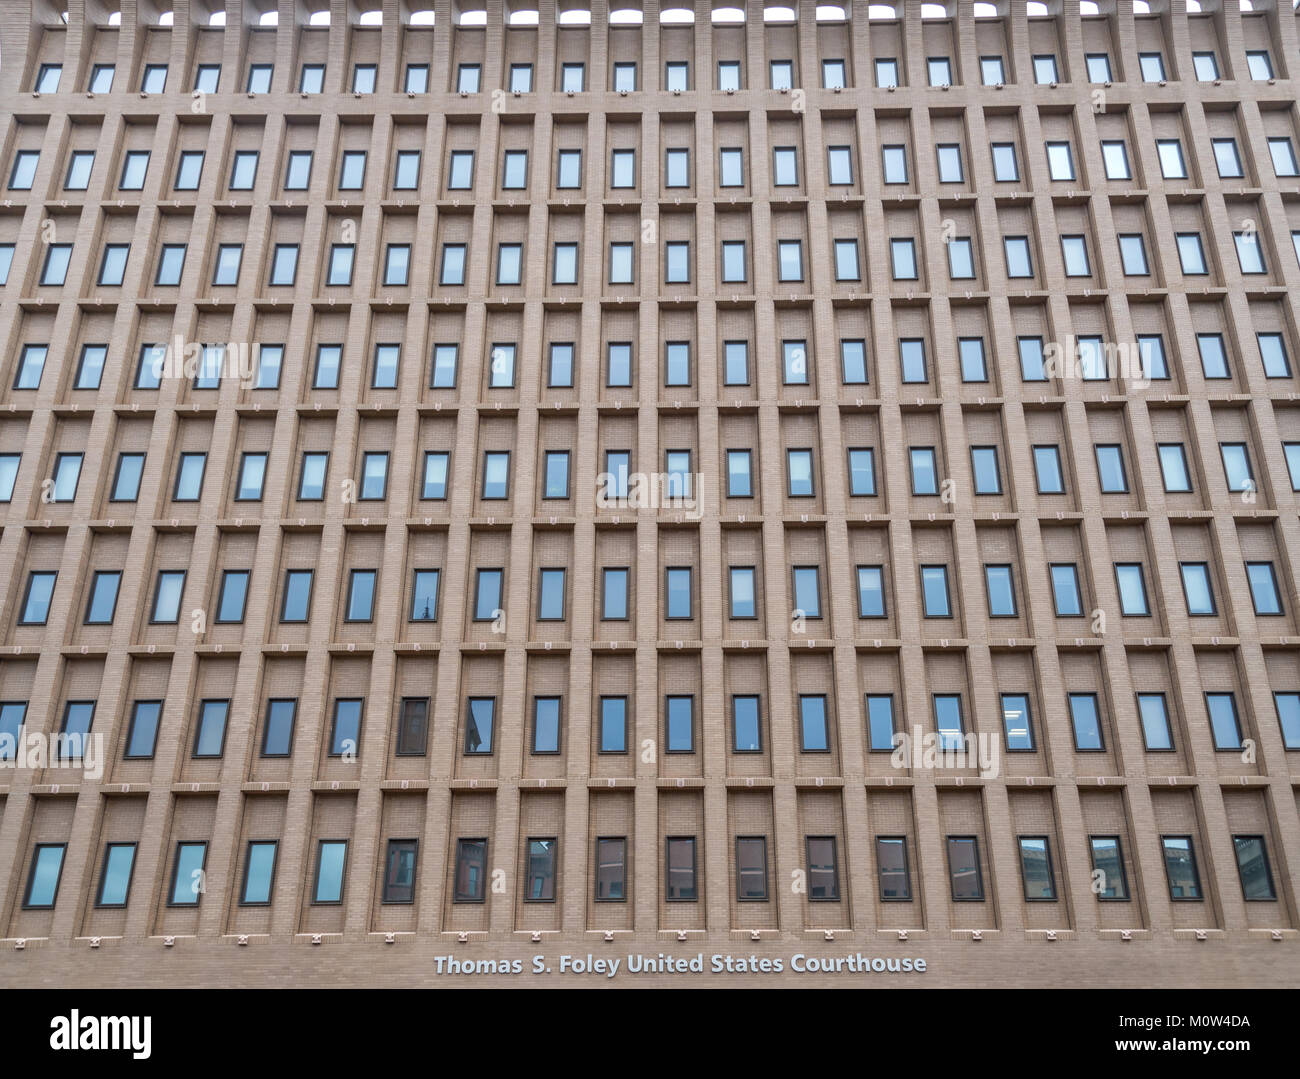 United States Courthouse in Spokane WA Stock Photo